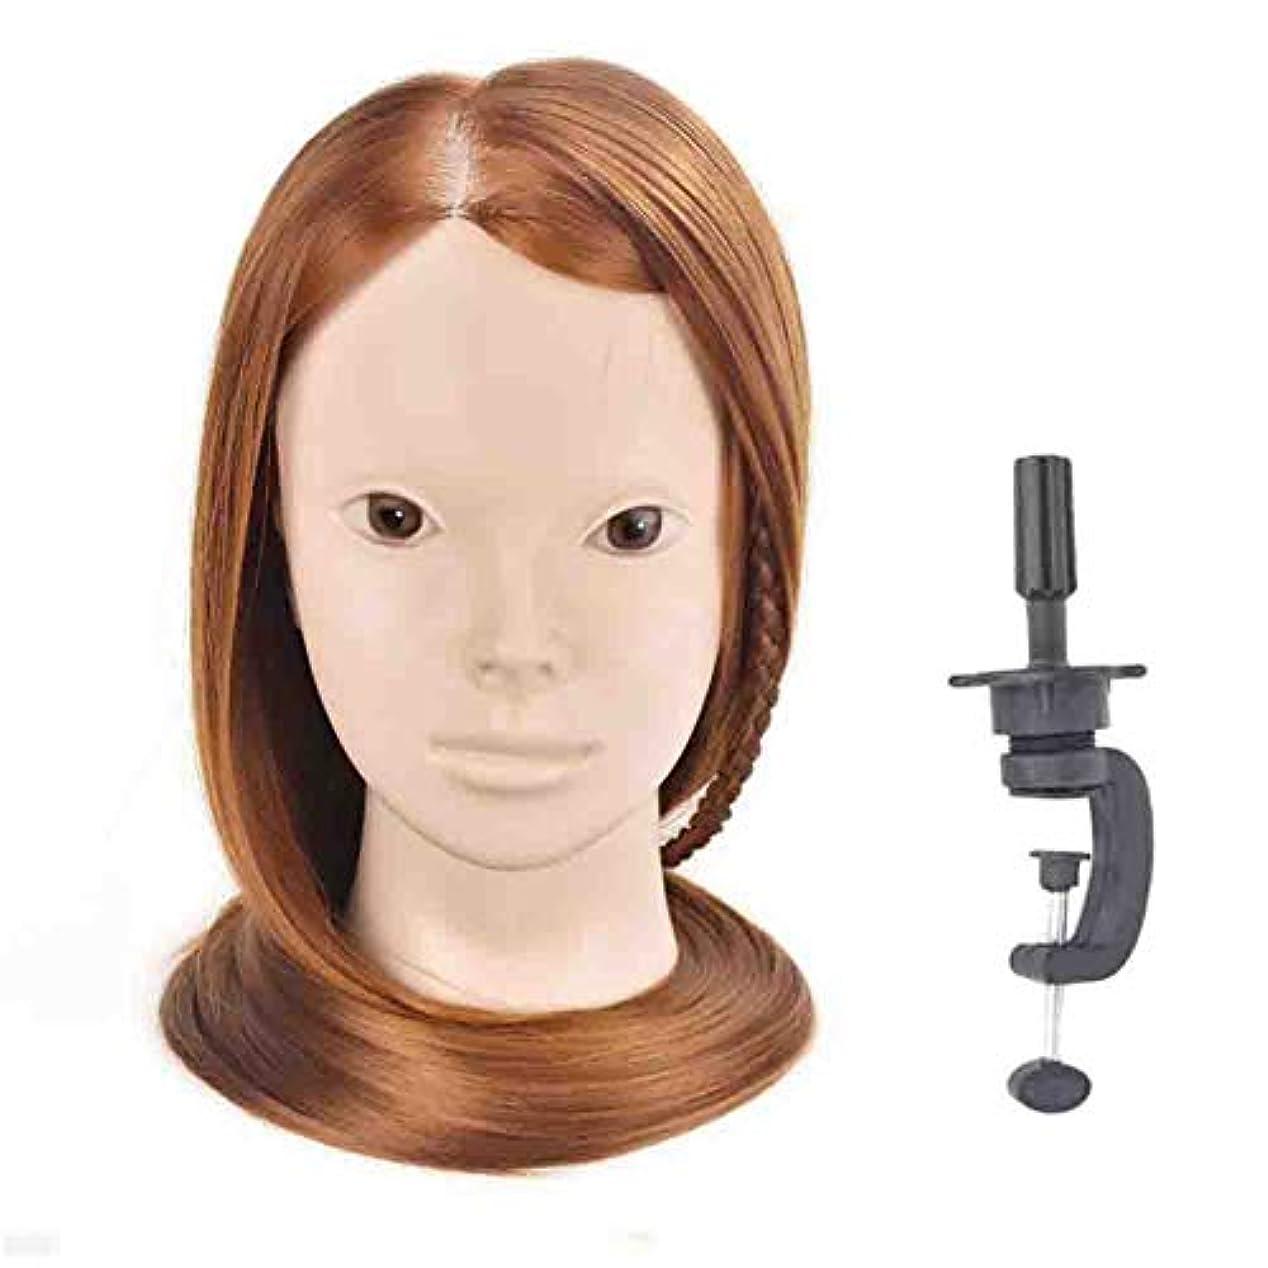 比類なきテキストチャレンジは、花嫁の髪編組ひも学習ヘッドモデル理髪モデルヘッド理髪サロン散髪ダミー練習ヘッド